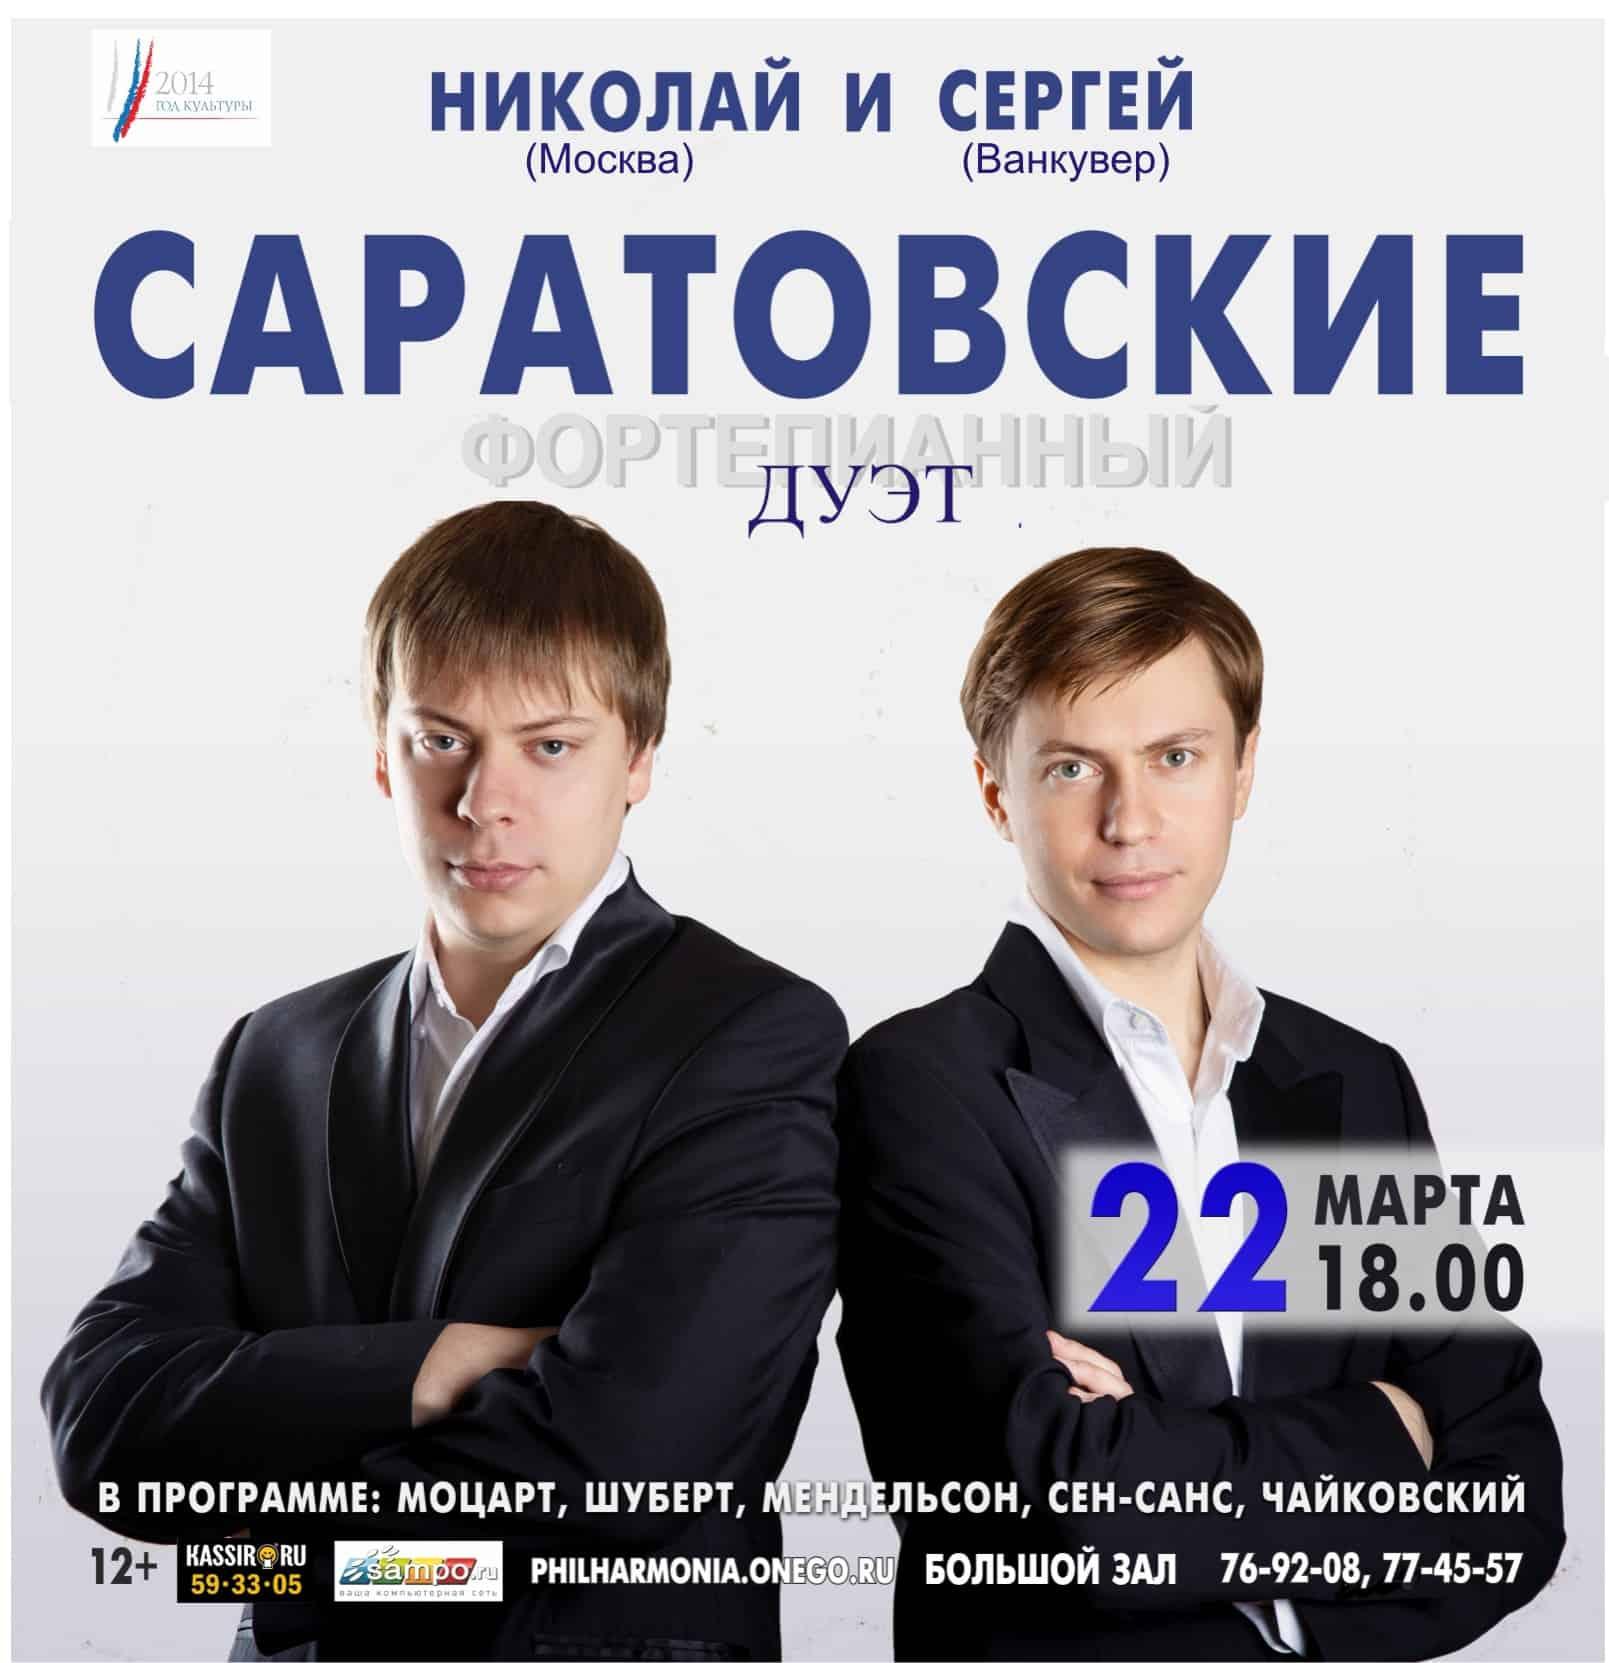 Братья Саратовские выступят в Карельской филармонии